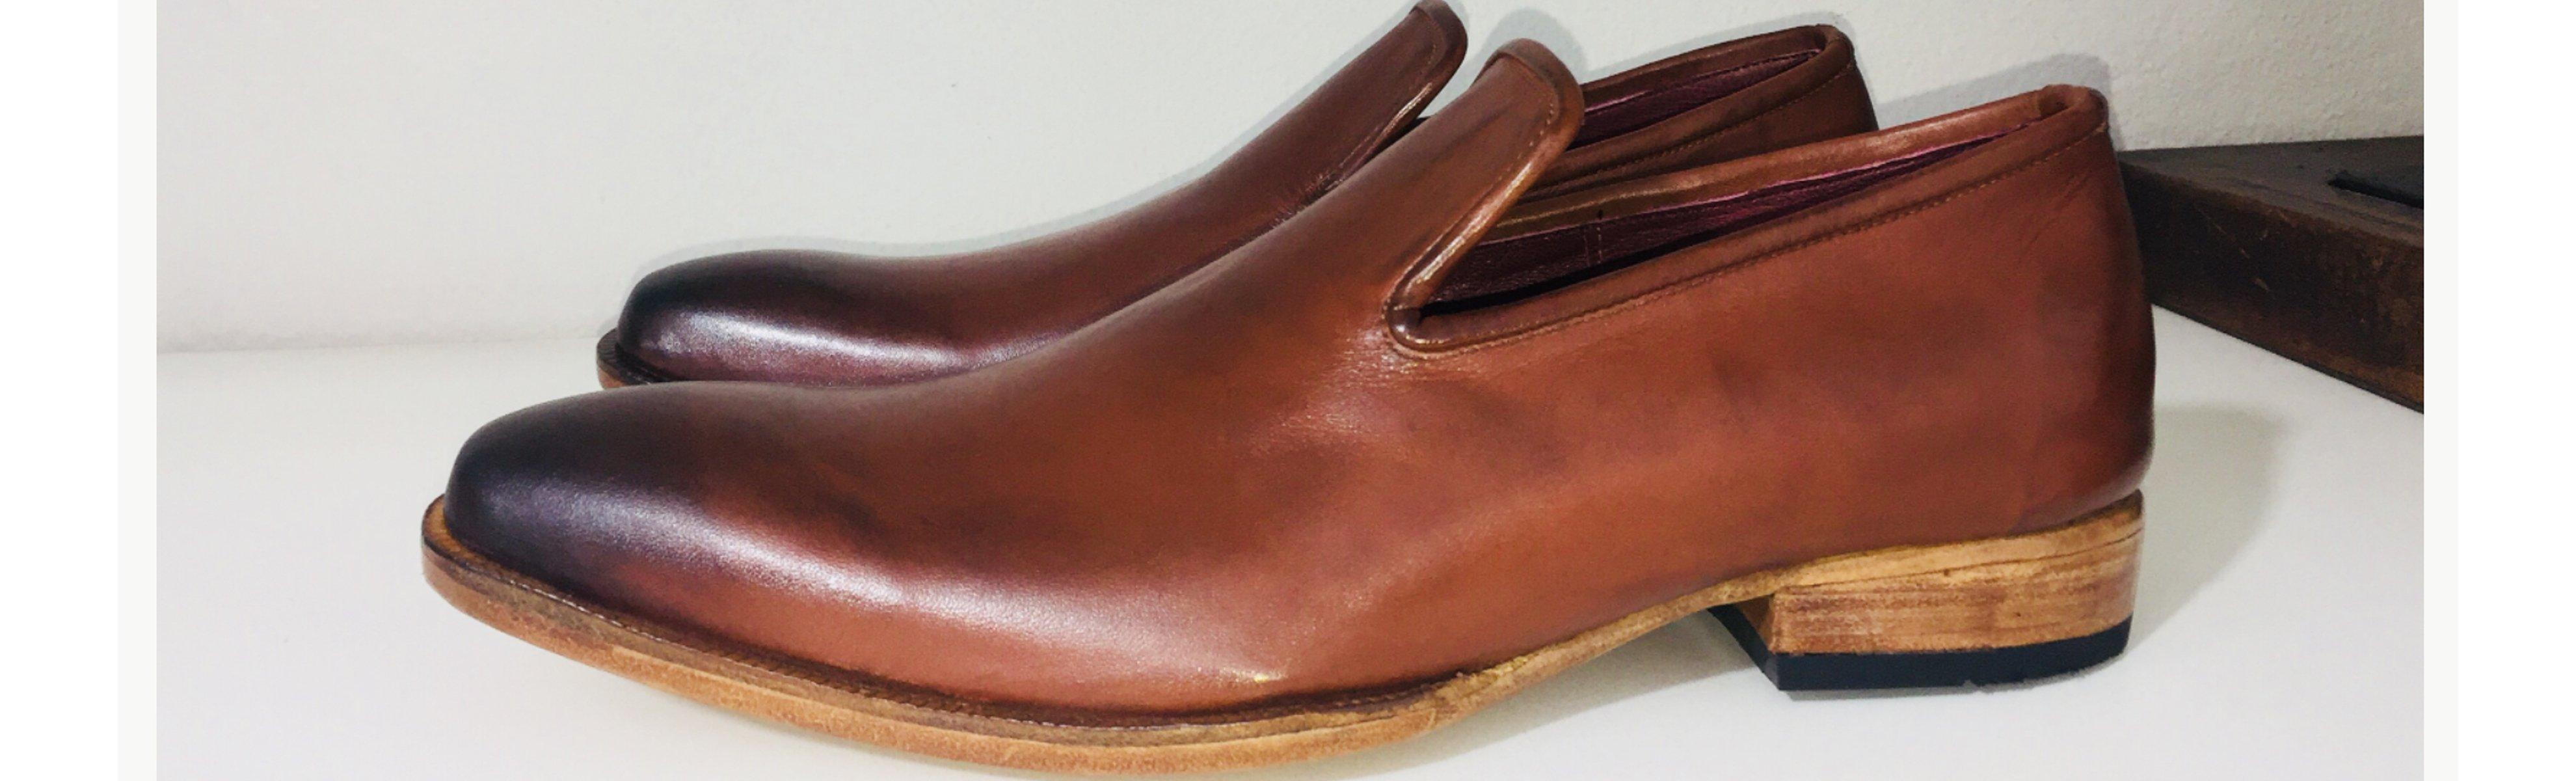 Loafer Silvano em couro E. Marchi - Mocassim fabricado à mão